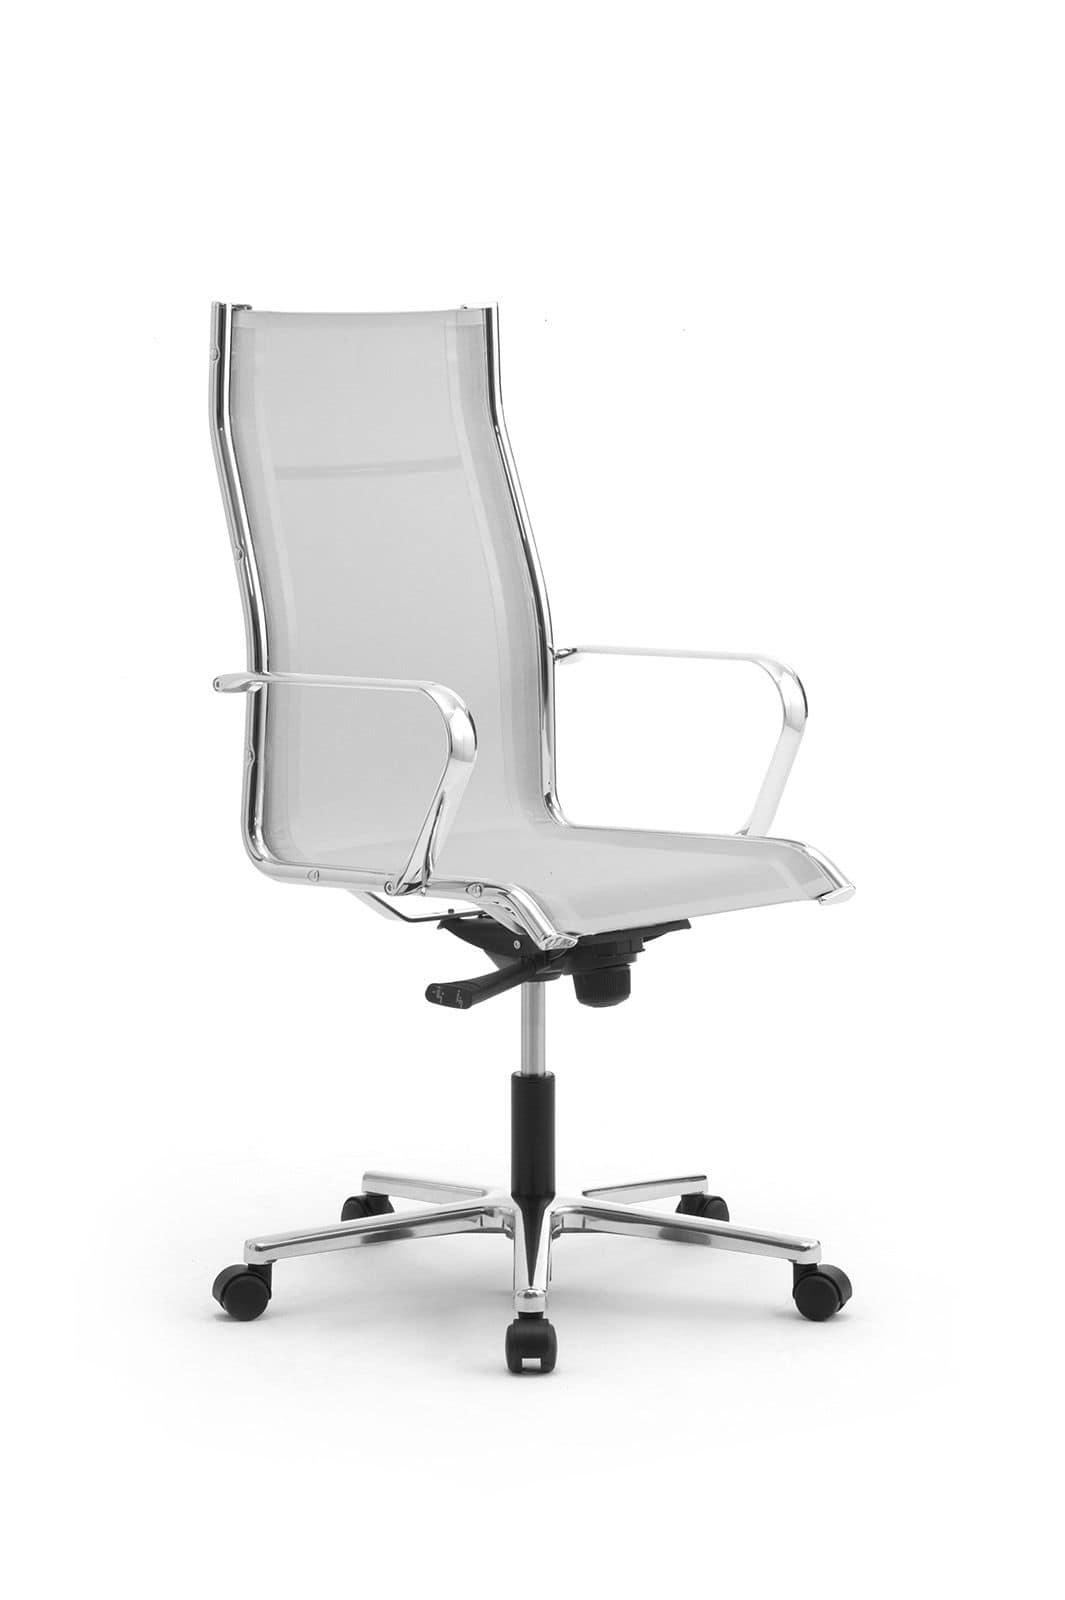 Origami RE high executive 70211, Bürostuhl mit Sitz und Rückenlehne aus Mesh